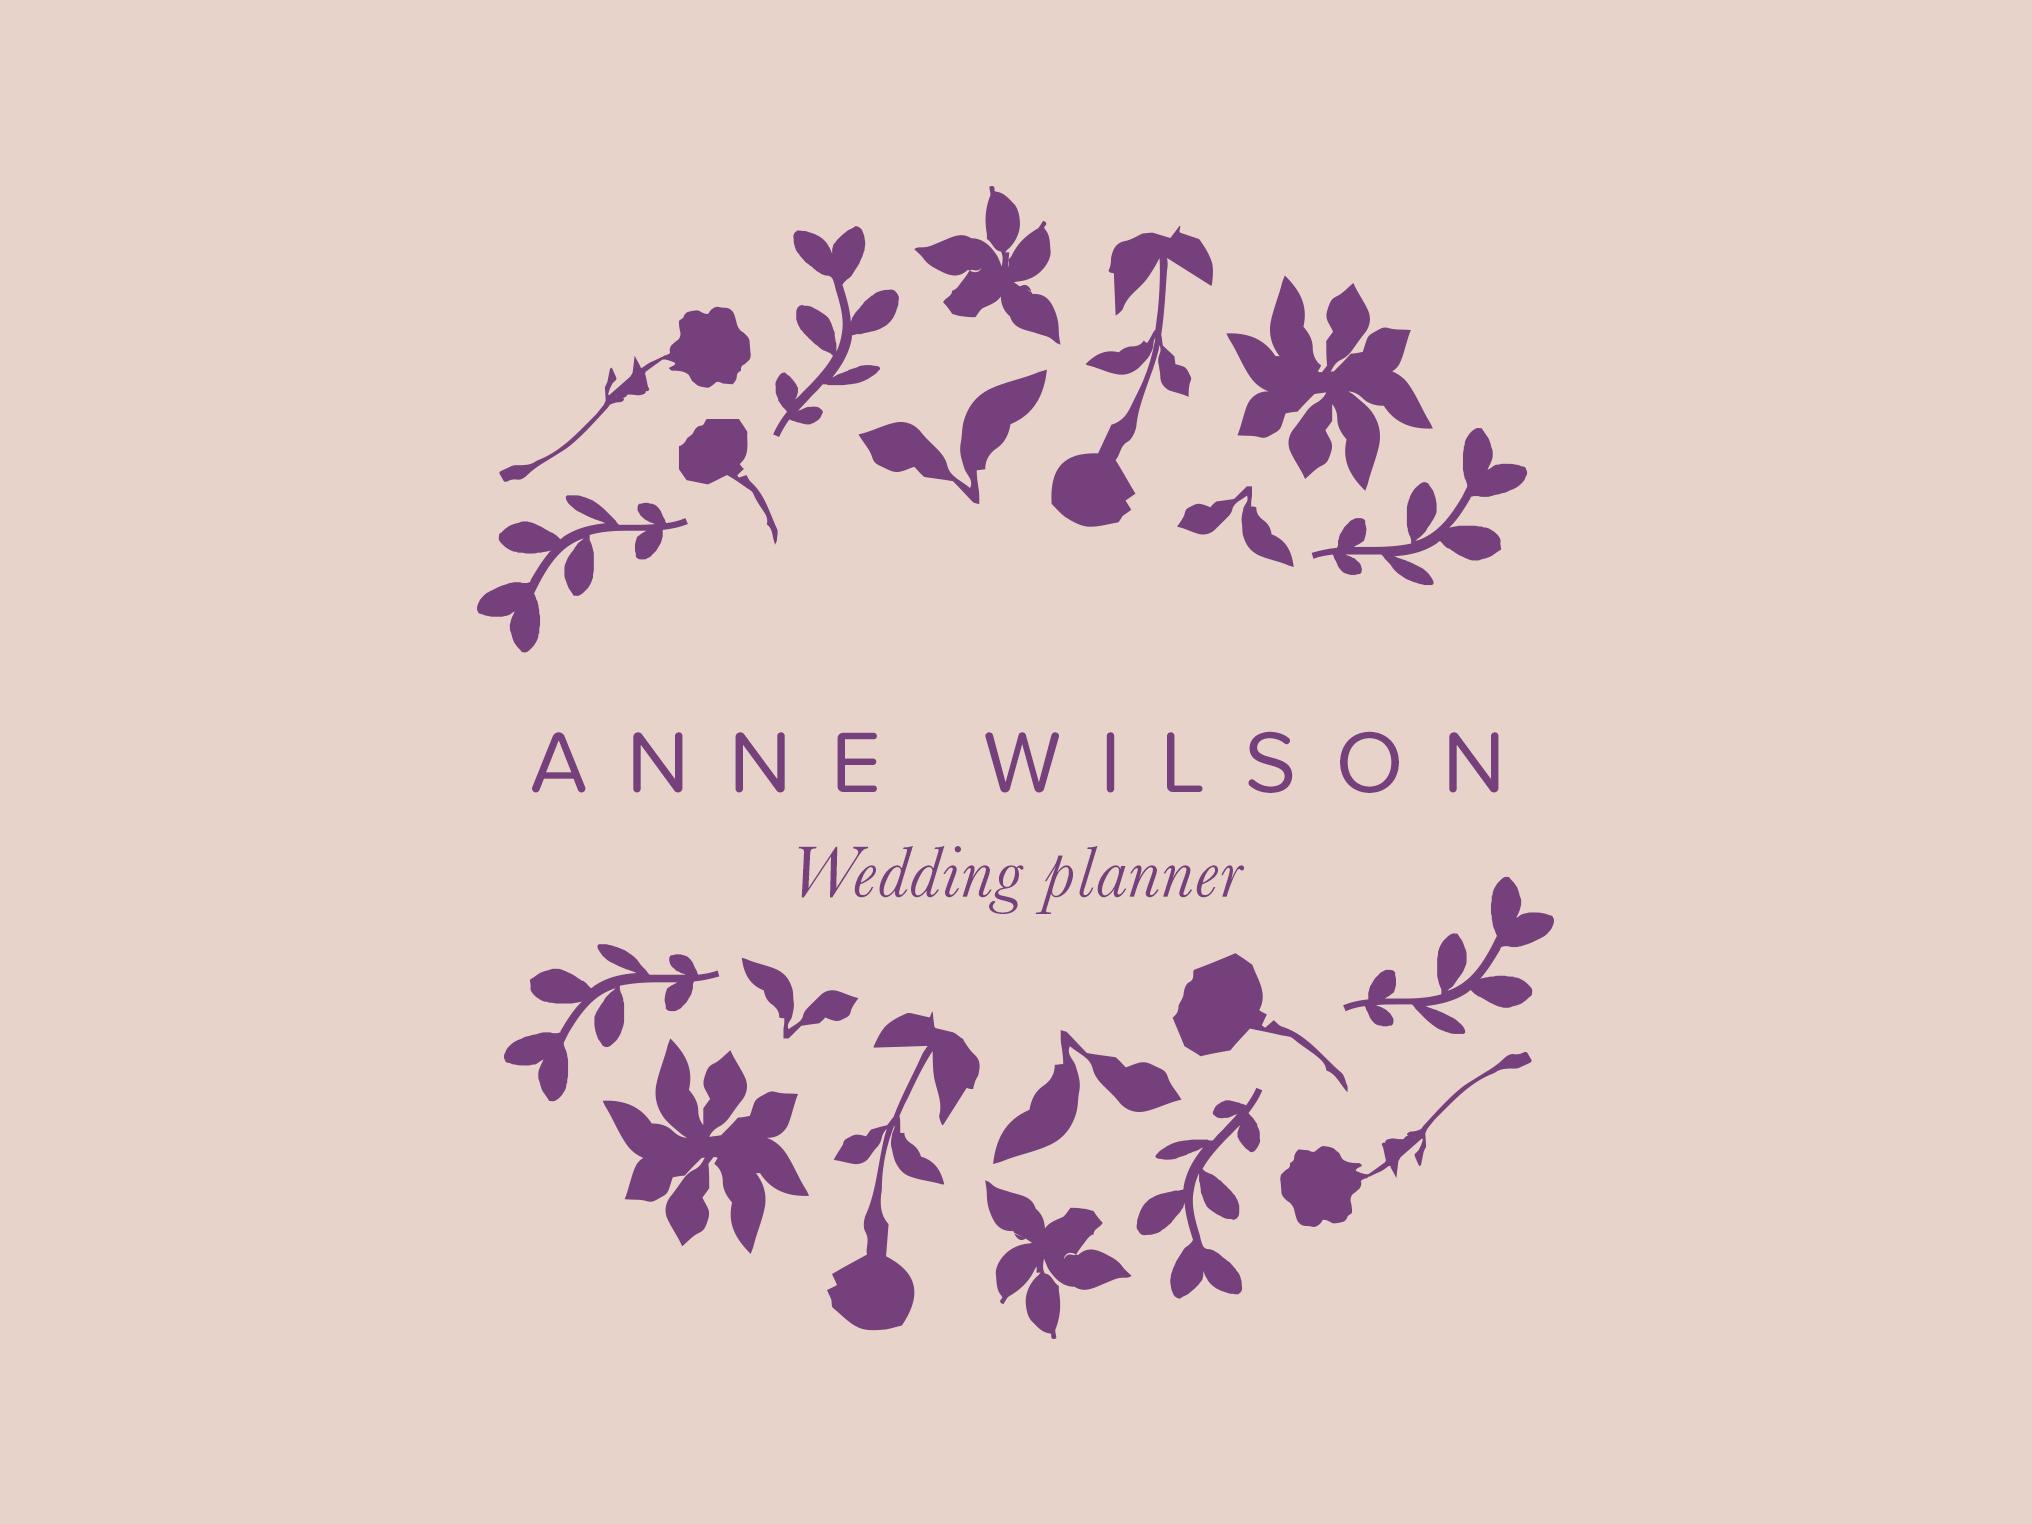 42da2042d1ce Creador de logos - Crear un hermoso logo online